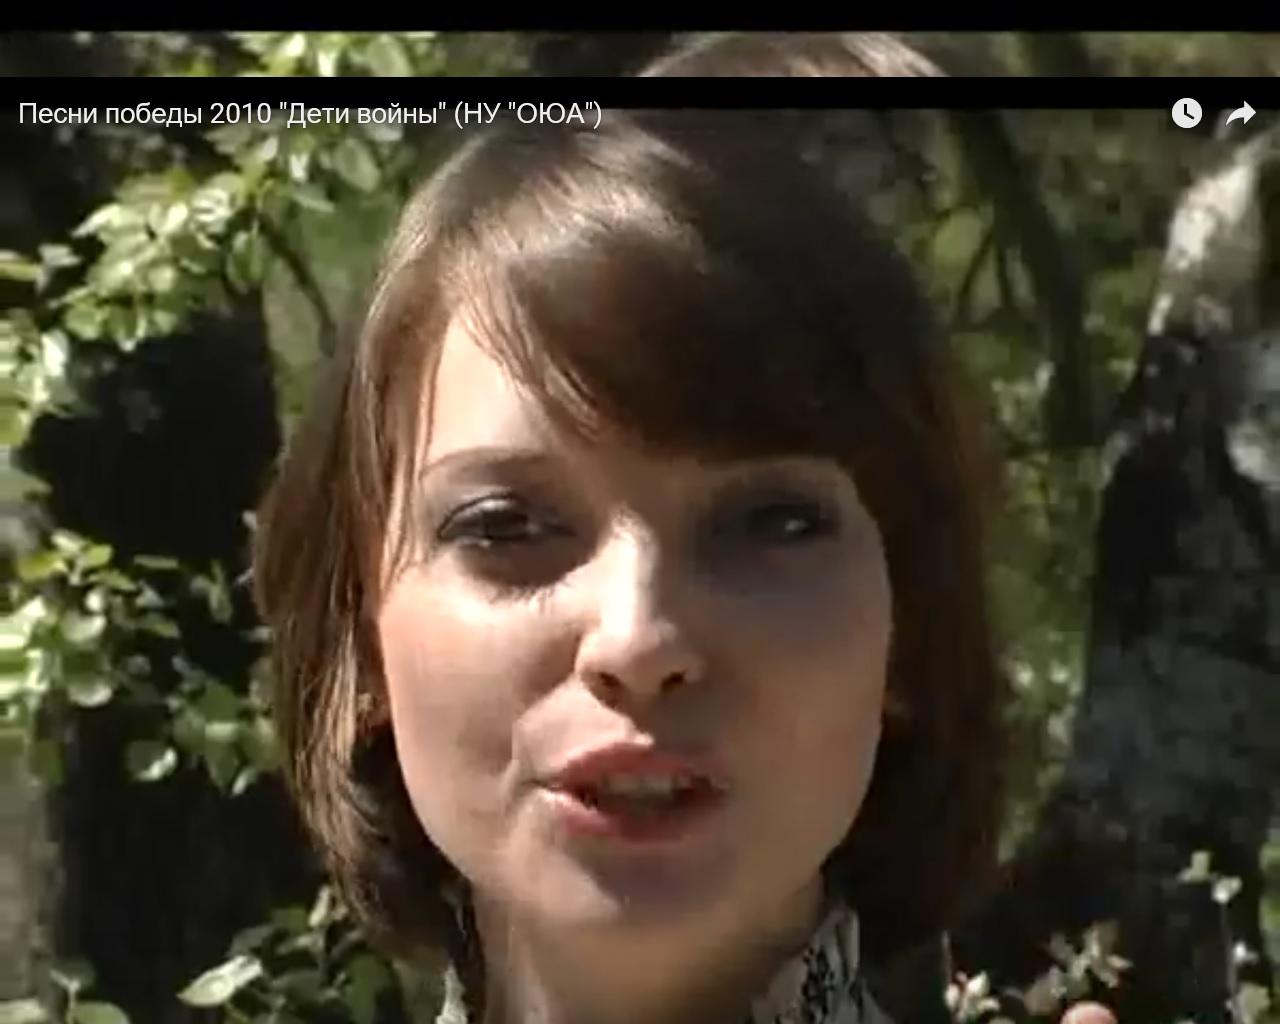 Erotika, sex, hezké ženy, Jekaterina Buchtiarova